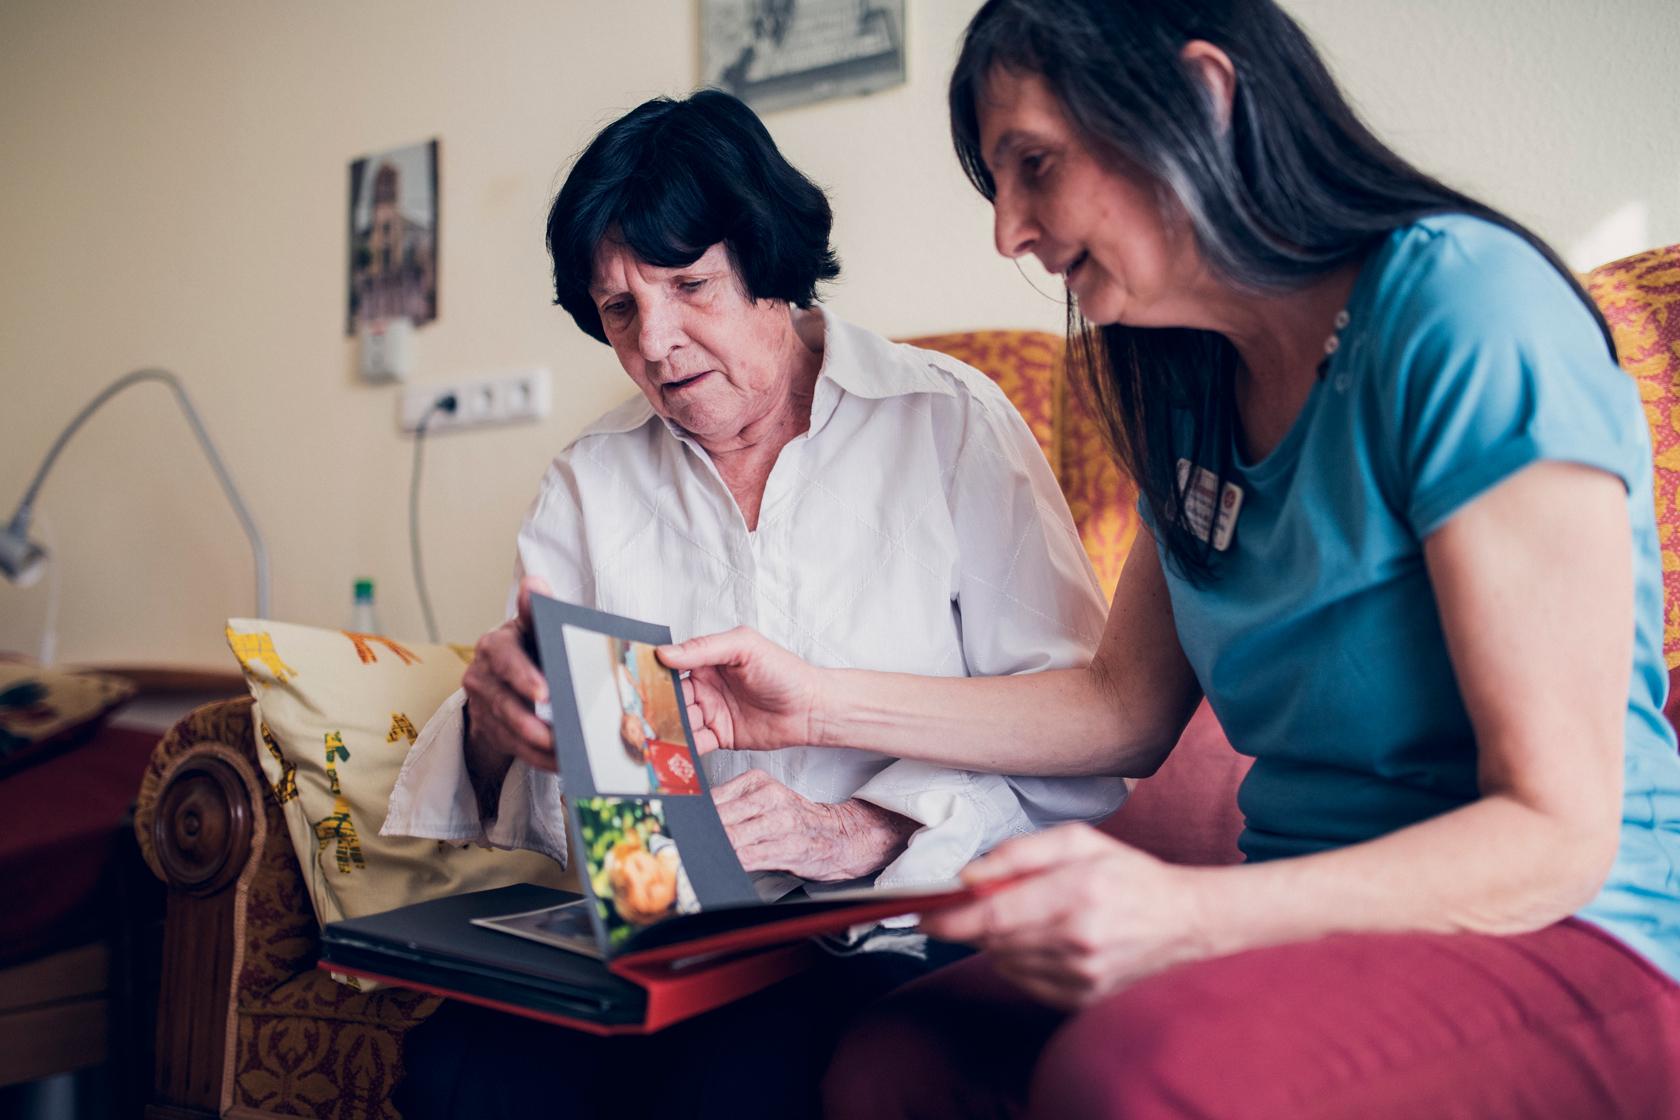 Eine Bewohnerin und eine Mitarbeiterin sitzen in einem Bewohnerzimmer auf einem Sofa und betrachten ein Fotoalbum.